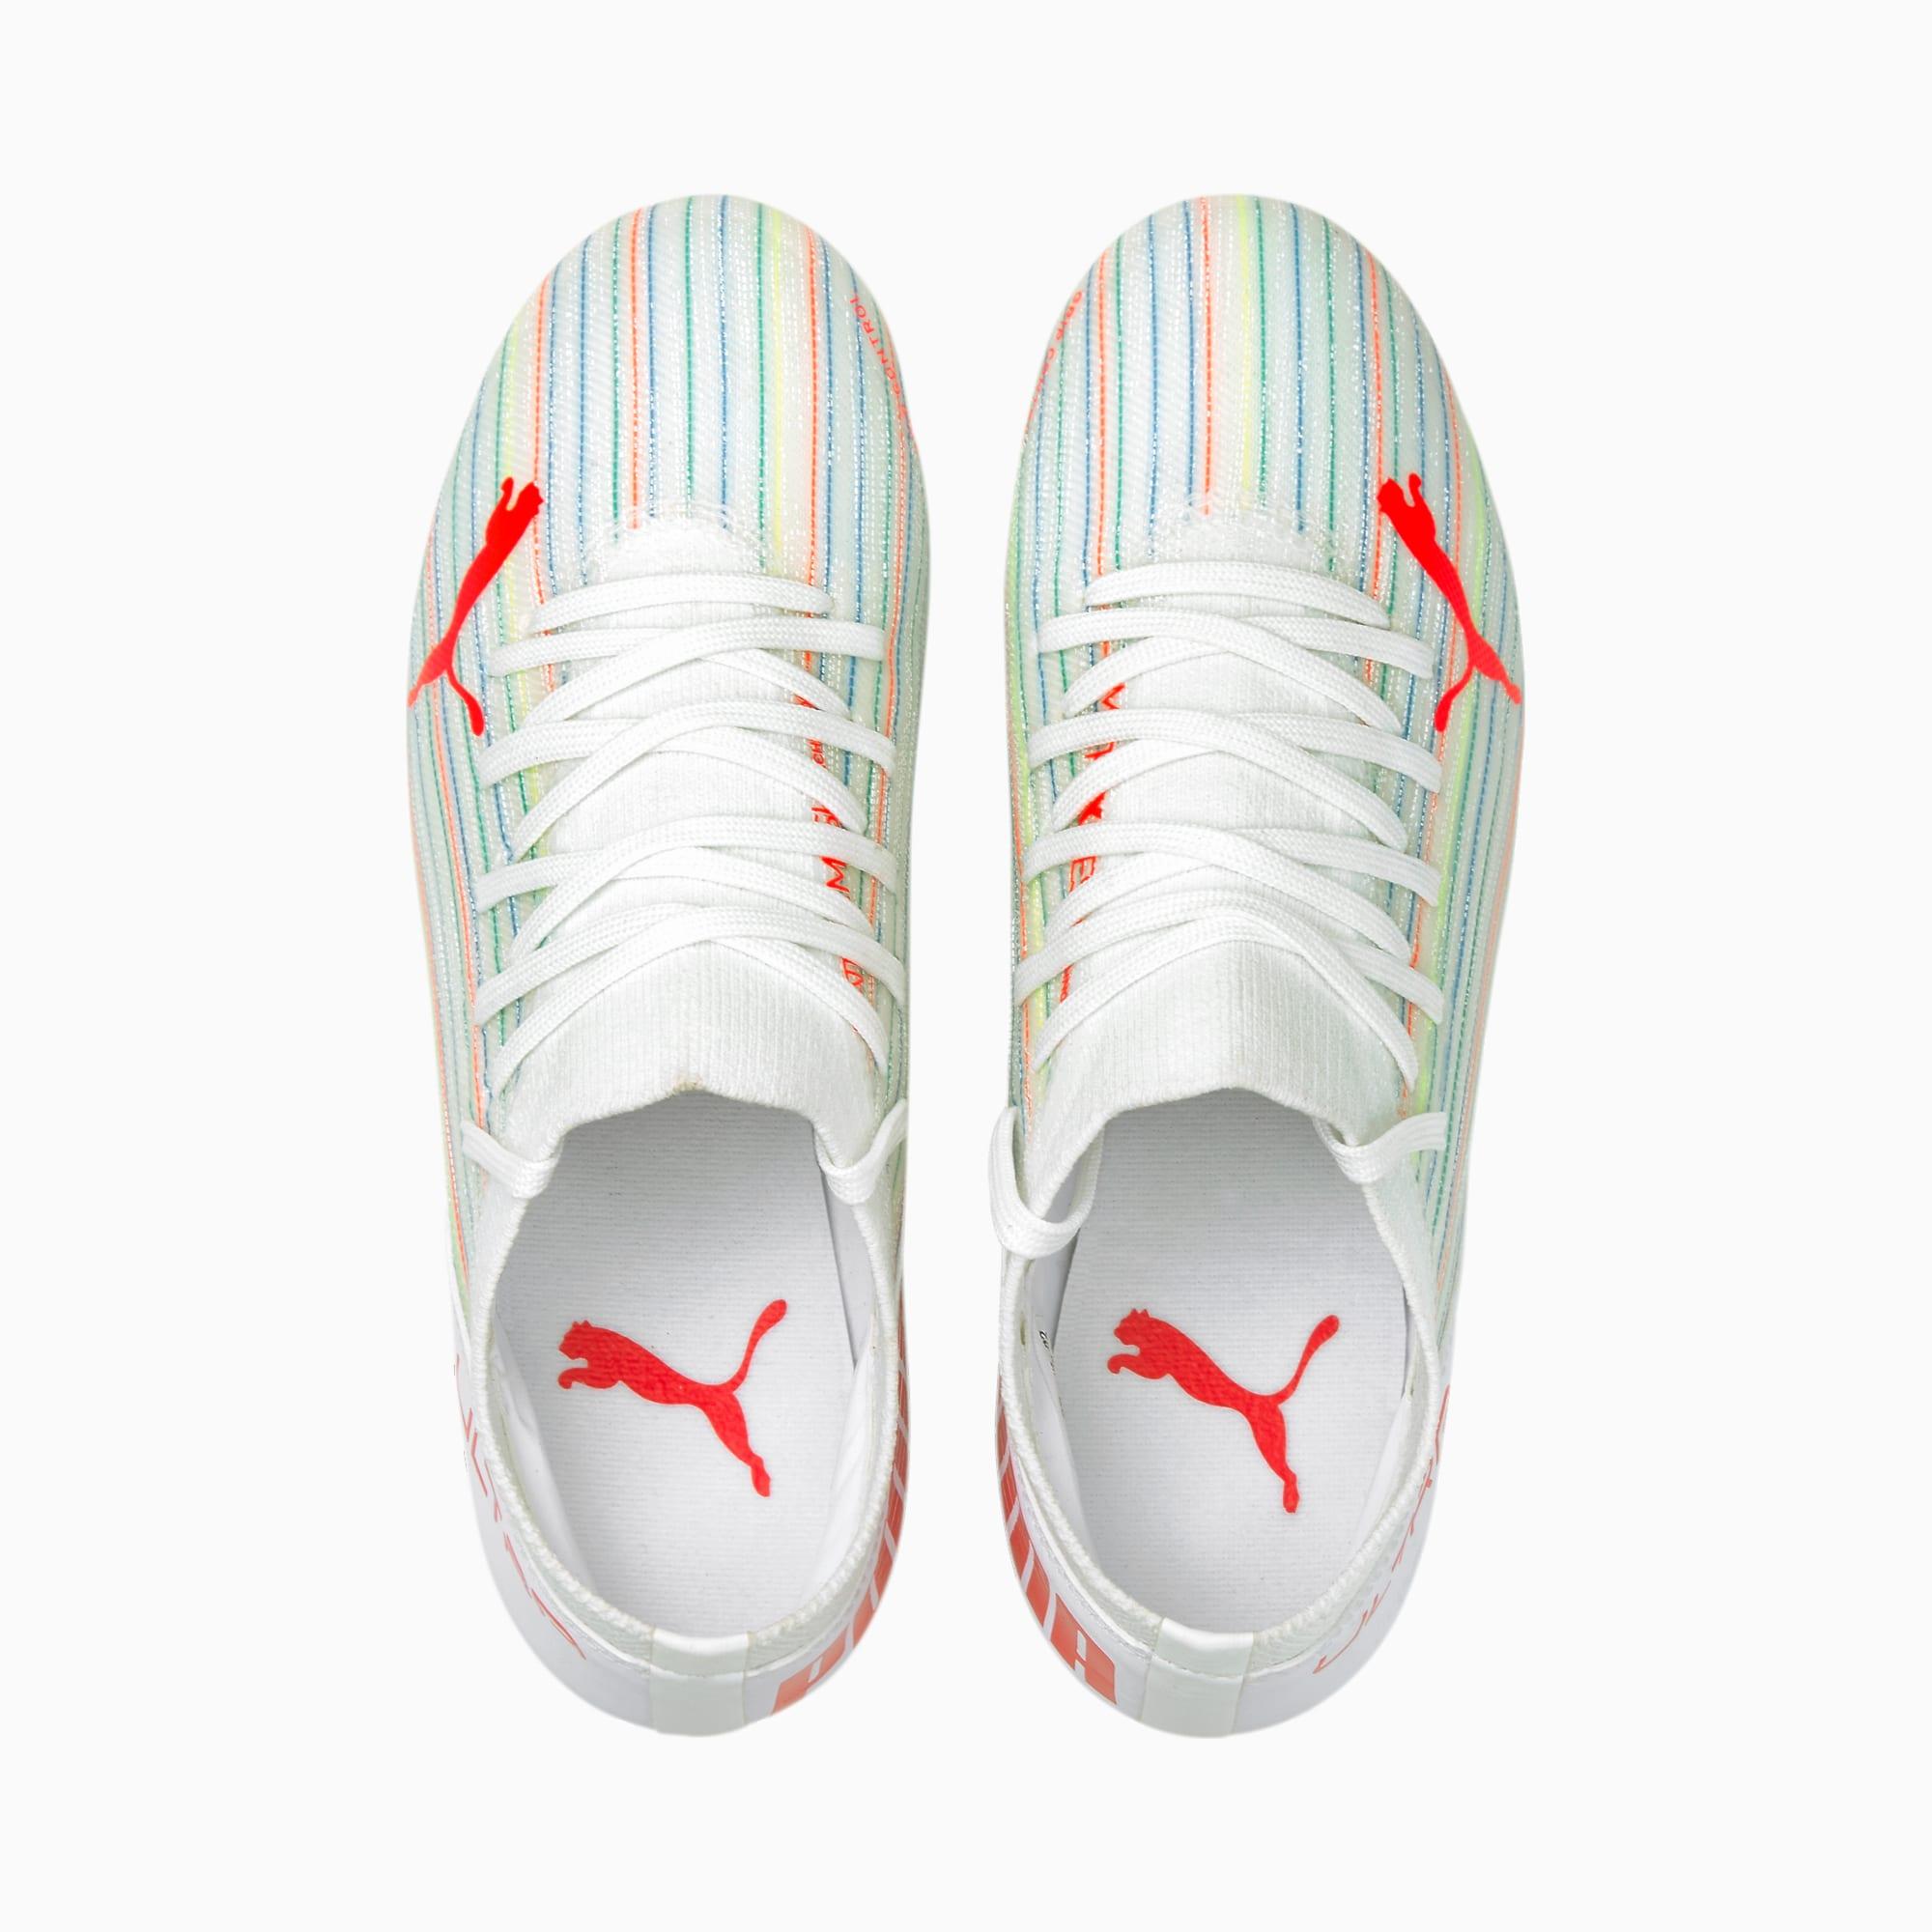 Chaussures de football ULTRA 3.2 FG/AG enfant et adolescent